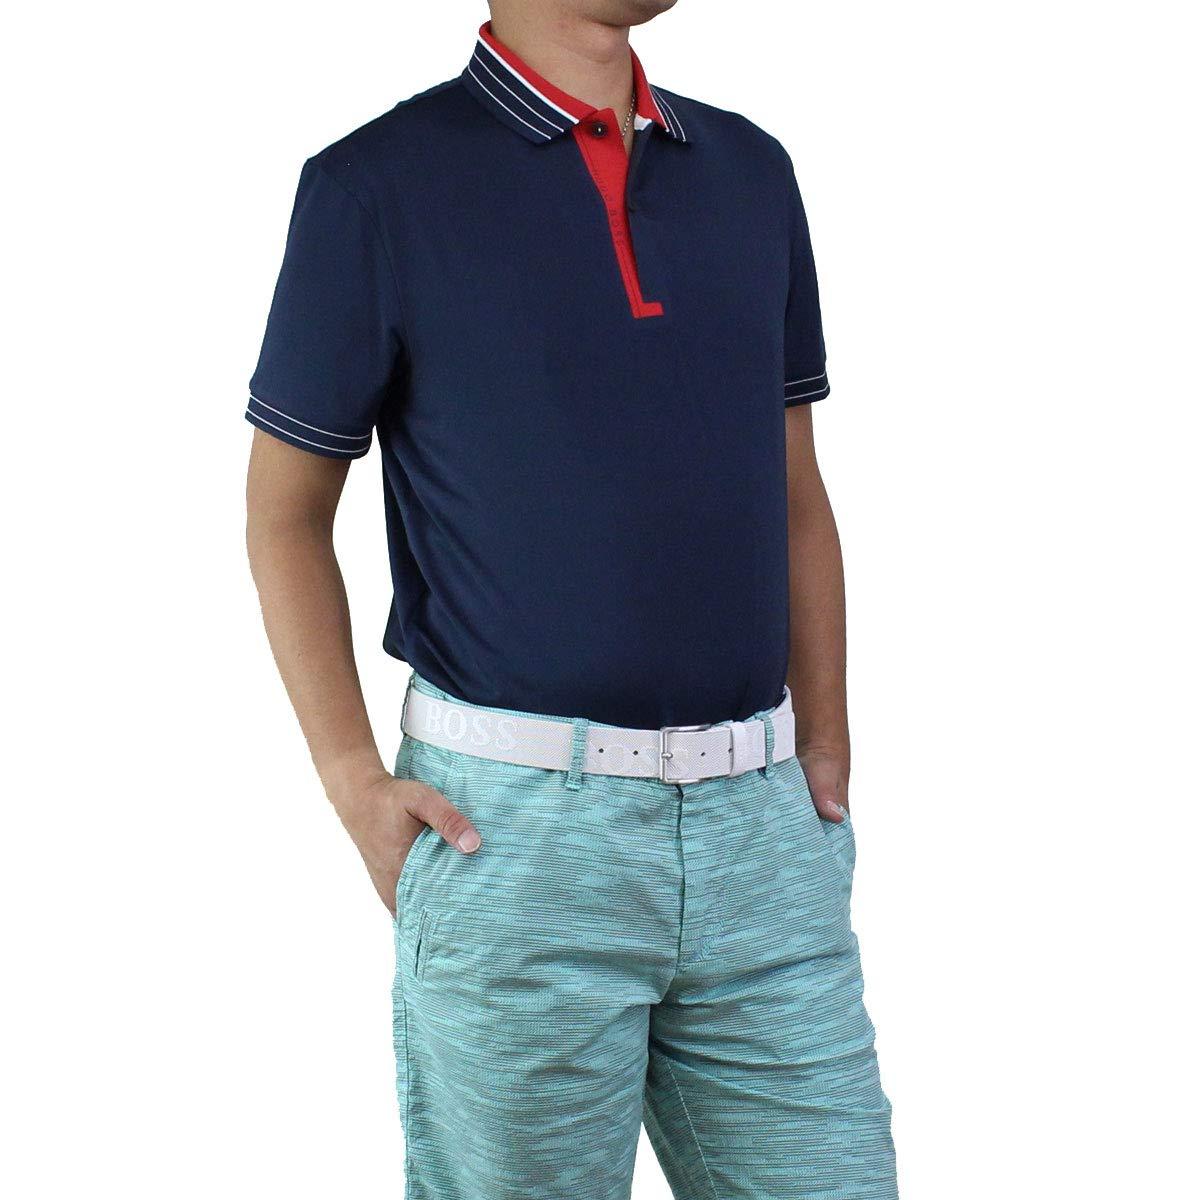 ヒューゴ ボス HUGO BOSS PADDY PRO 1 パディ プロ ポロシャツ 半袖 ゴルフウェア 50403515 10208323 410 ネイビー系 サイズ:#XL [並行輸入品]   B07SWJHW48